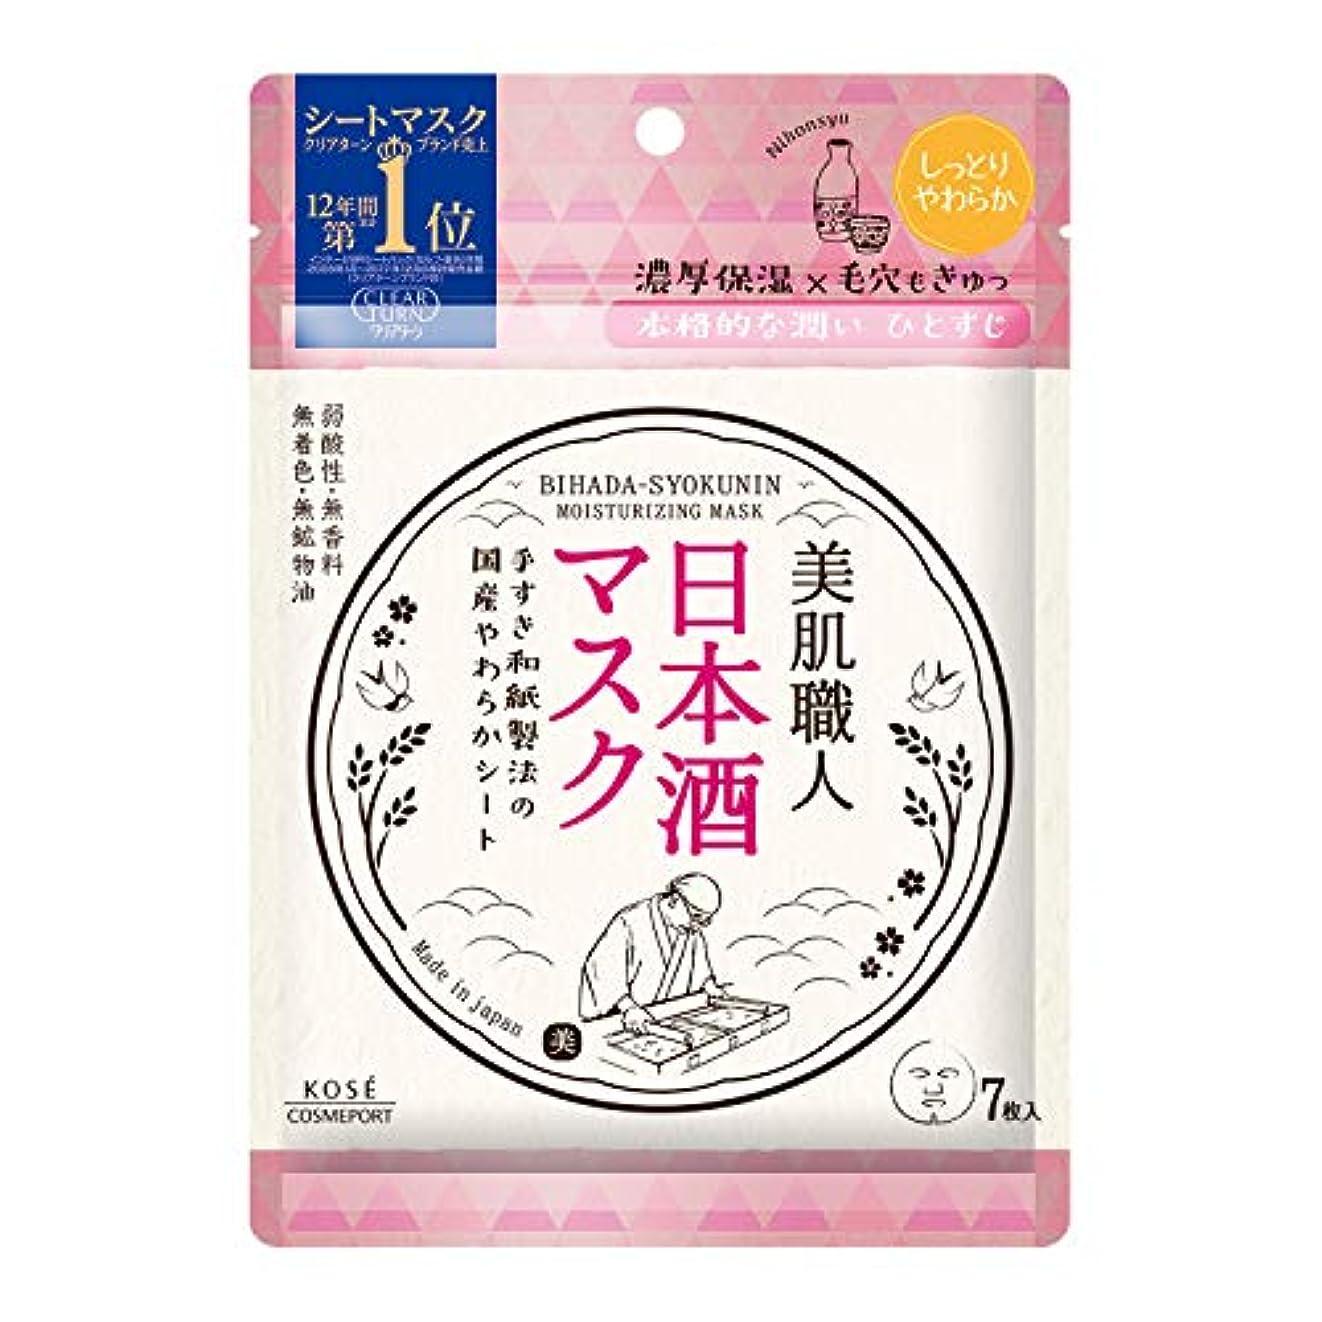 プログラムしばしば貧しいKOSE コーセー クリアターン 美肌職人 日本酒 マスク 7枚 フェイスマスク